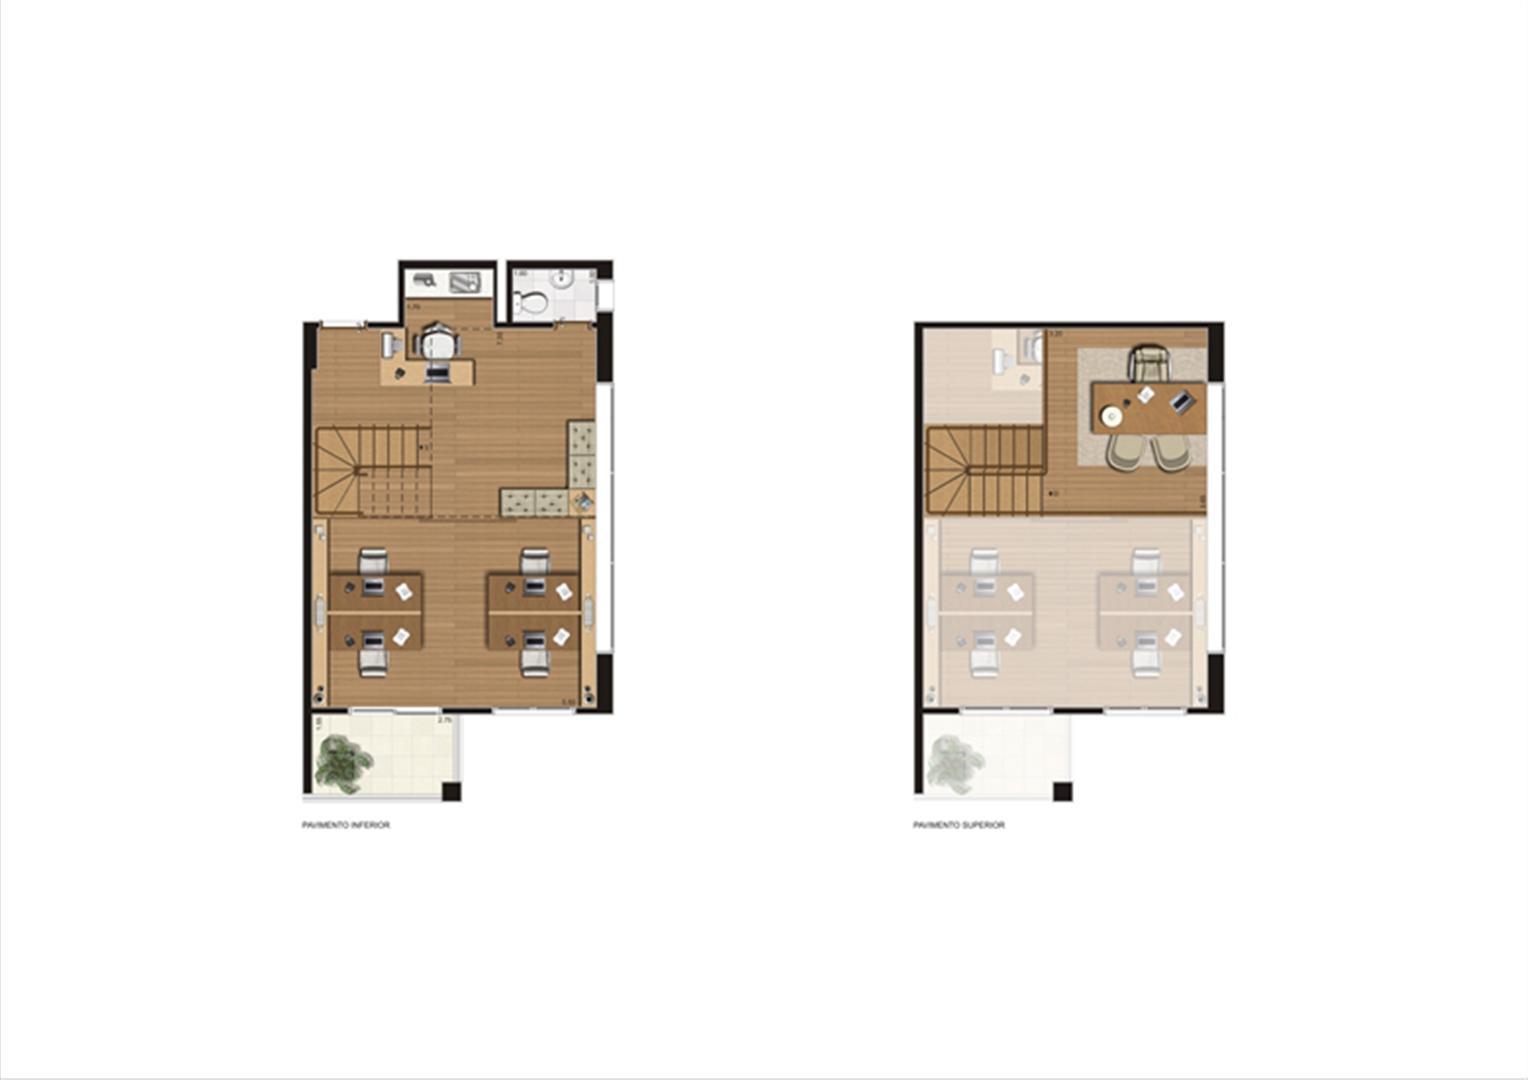 Duplex de 67 m² Final 1 | Luzes da Mooca - Atrio Giorno – Salas Comerciais na  Mooca - São Paulo - São Paulo